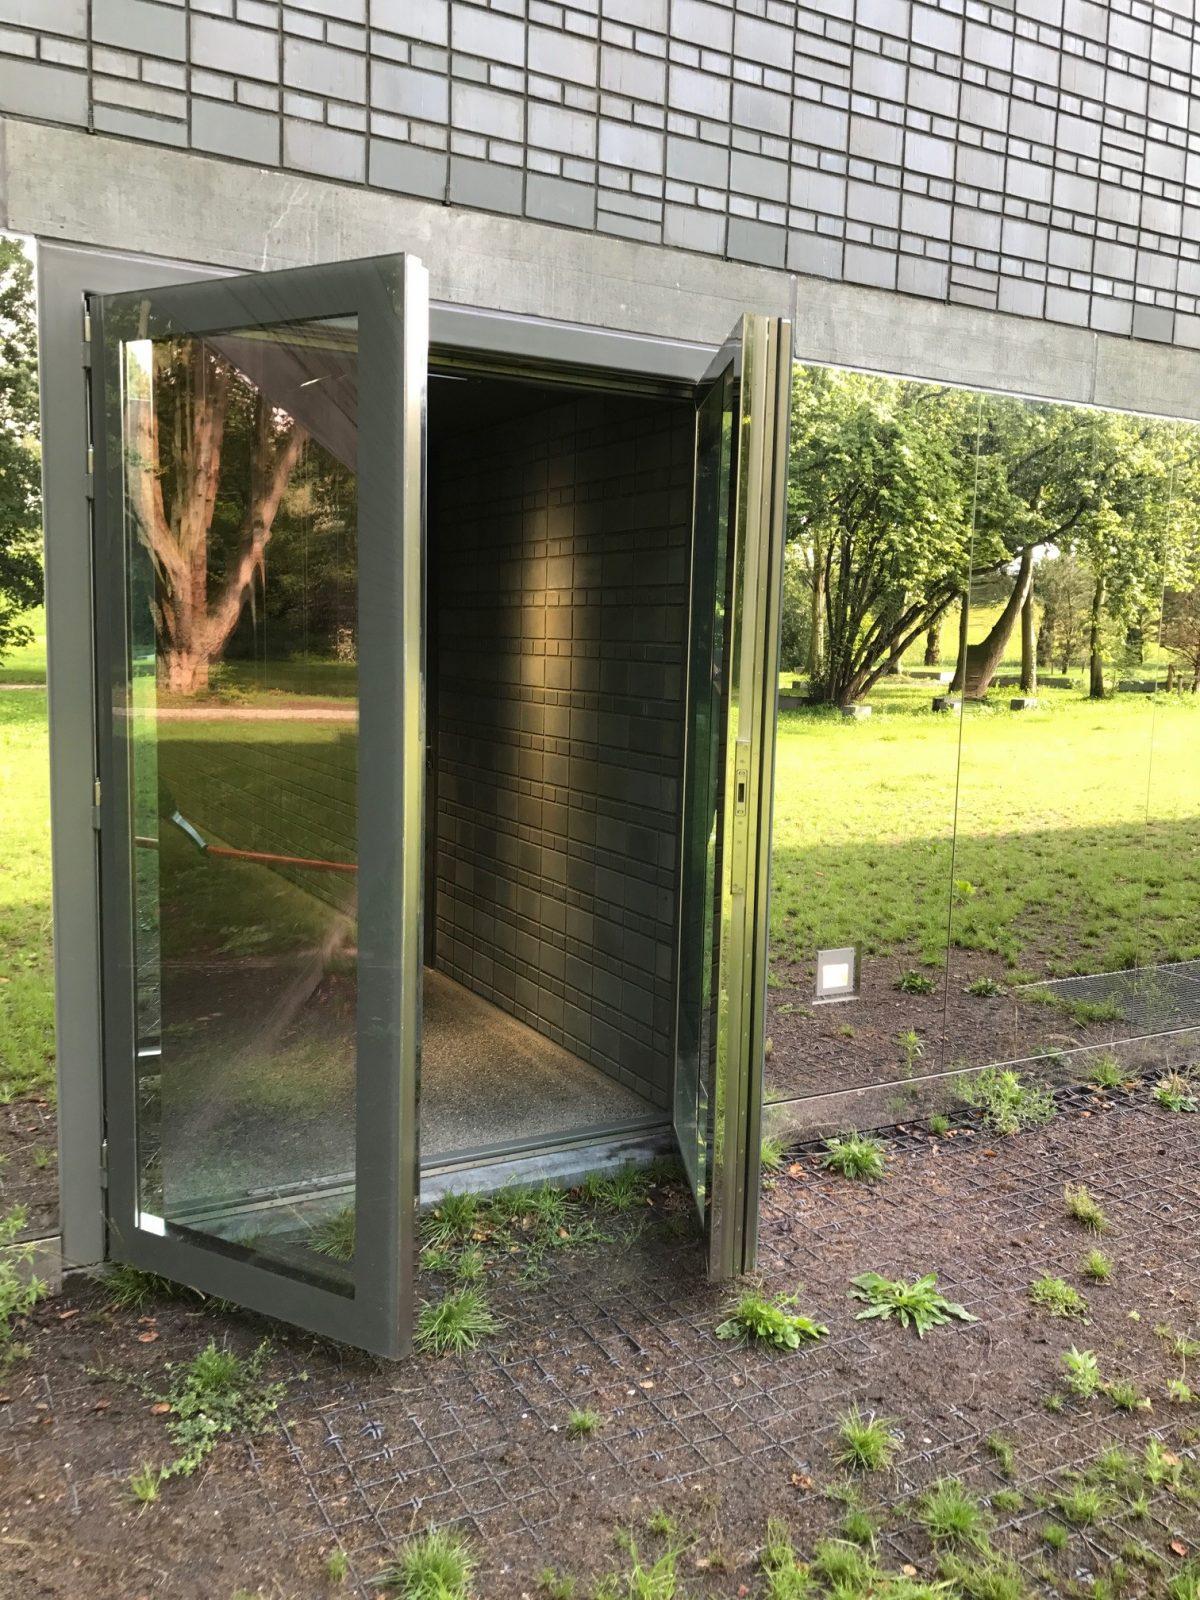 Mfc Rozenburg Blast Proof Doors Protec Industrial Doors